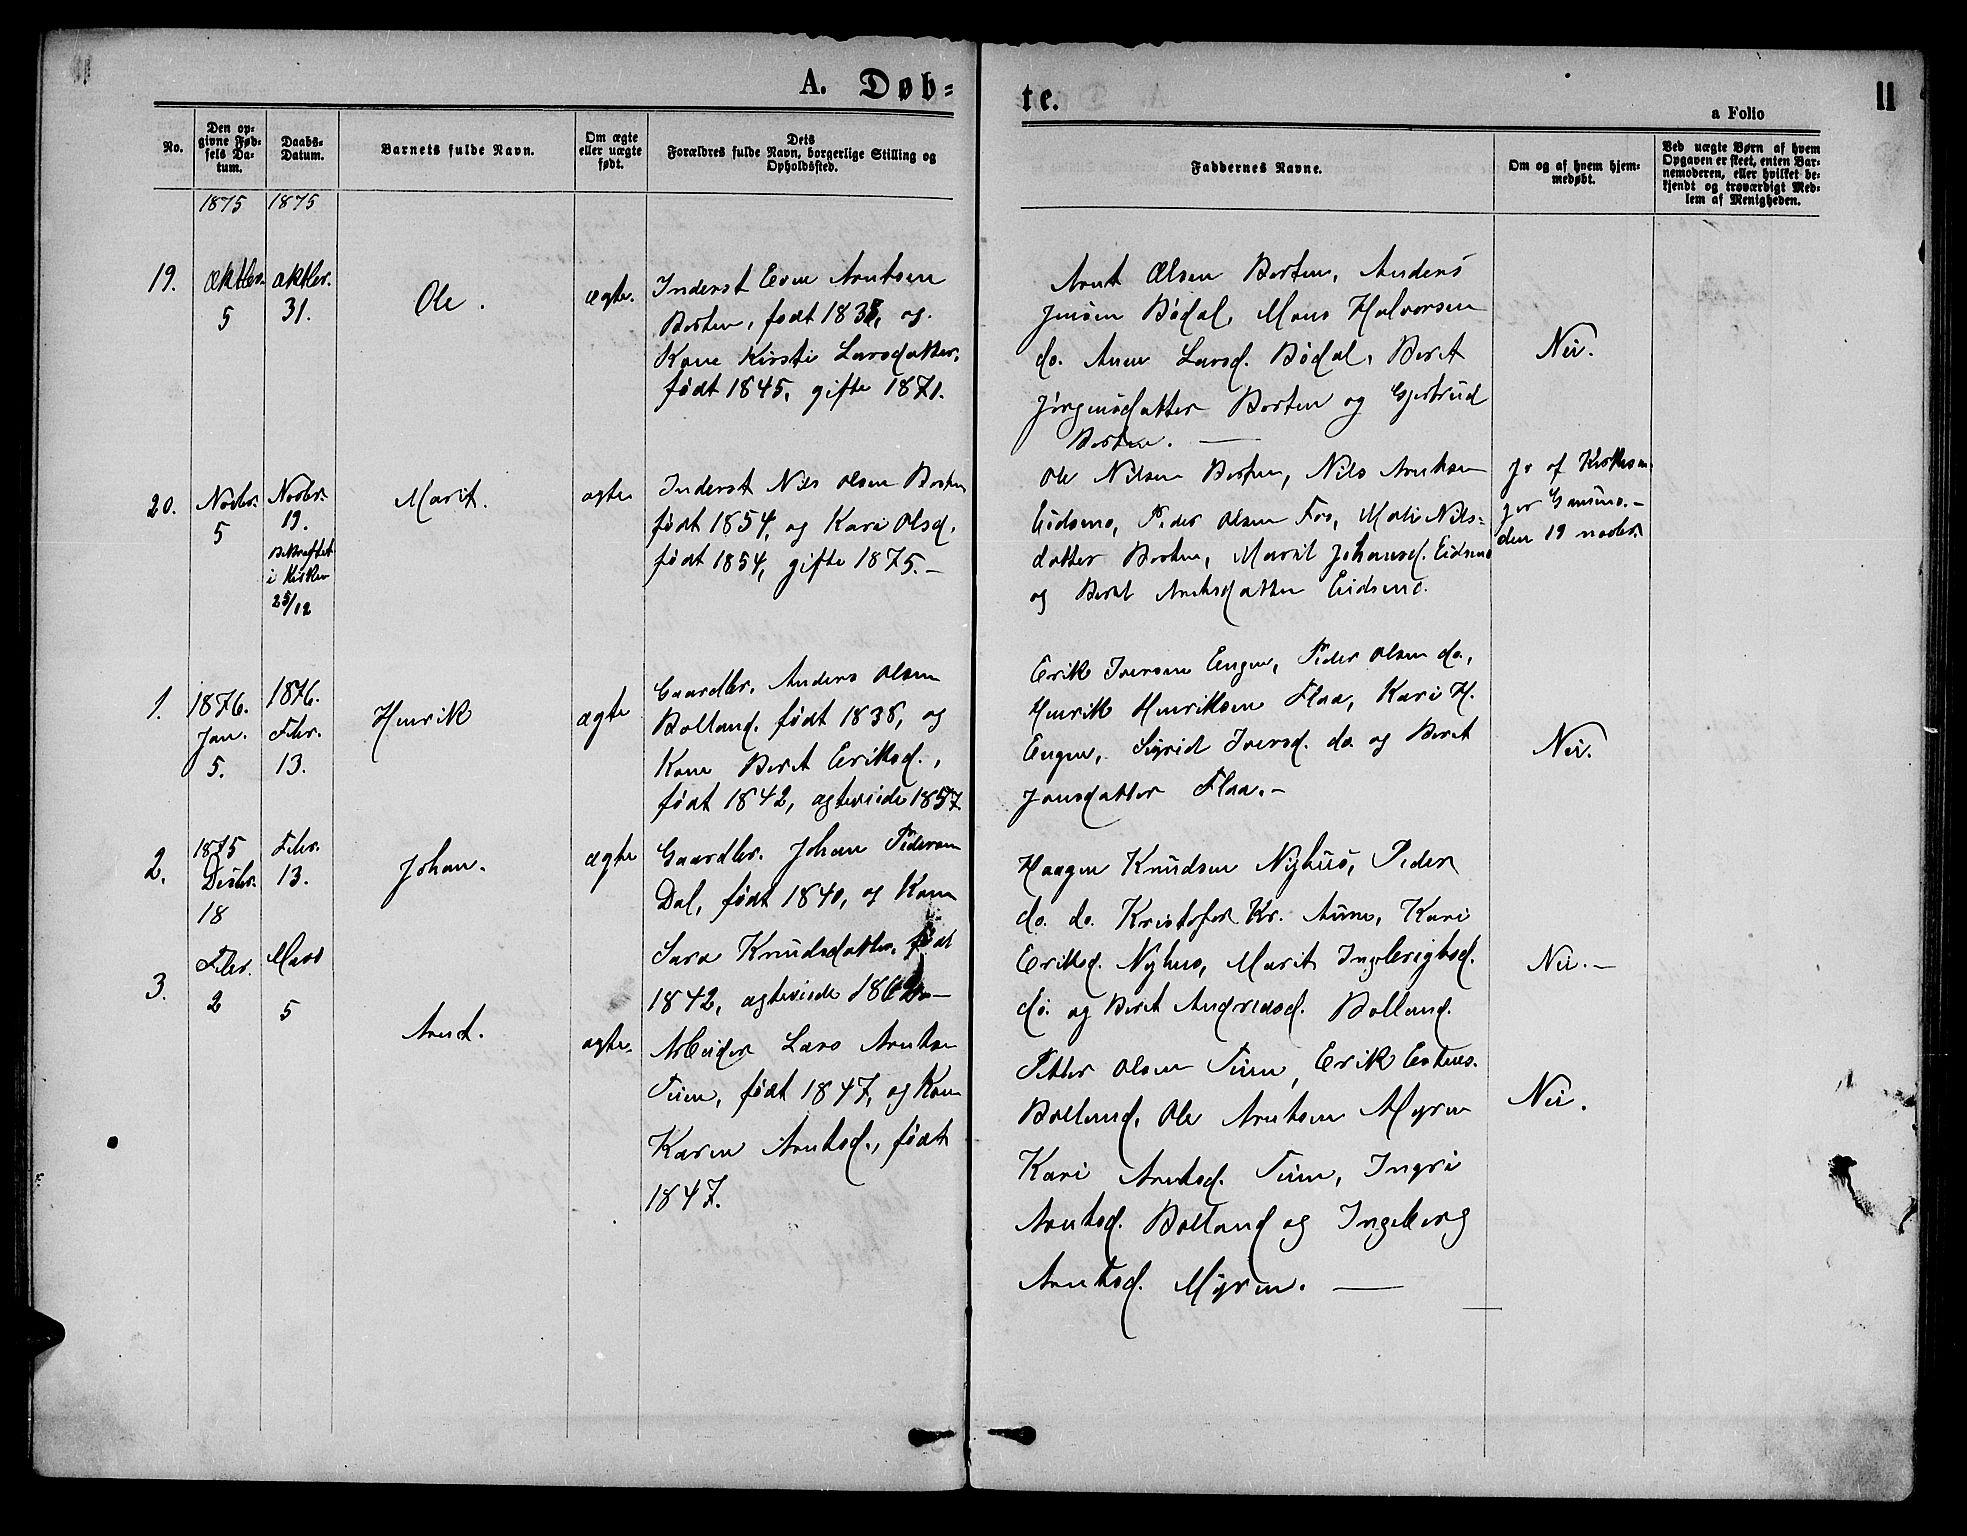 SAT, Ministerialprotokoller, klokkerbøker og fødselsregistre - Sør-Trøndelag, 693/L1122: Klokkerbok nr. 693C03, 1870-1886, s. 11